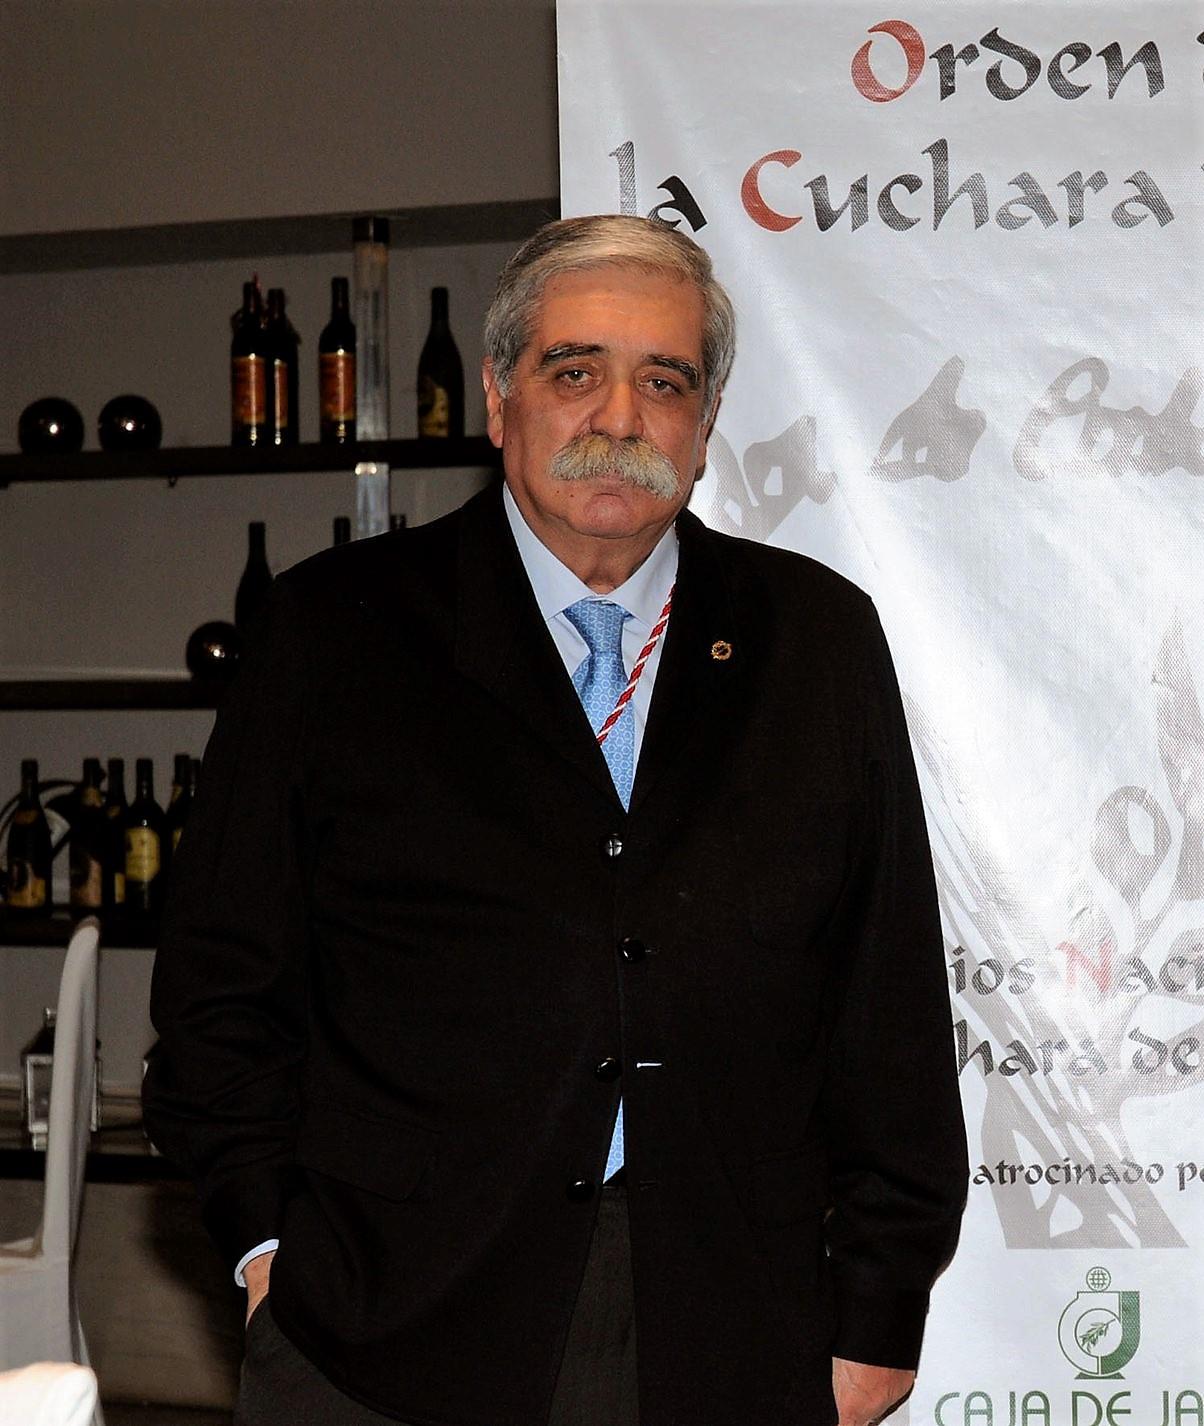 JOSE MARIA SUAREZ GALLEGO EN CARTEL DE CUCHARA DE PALO